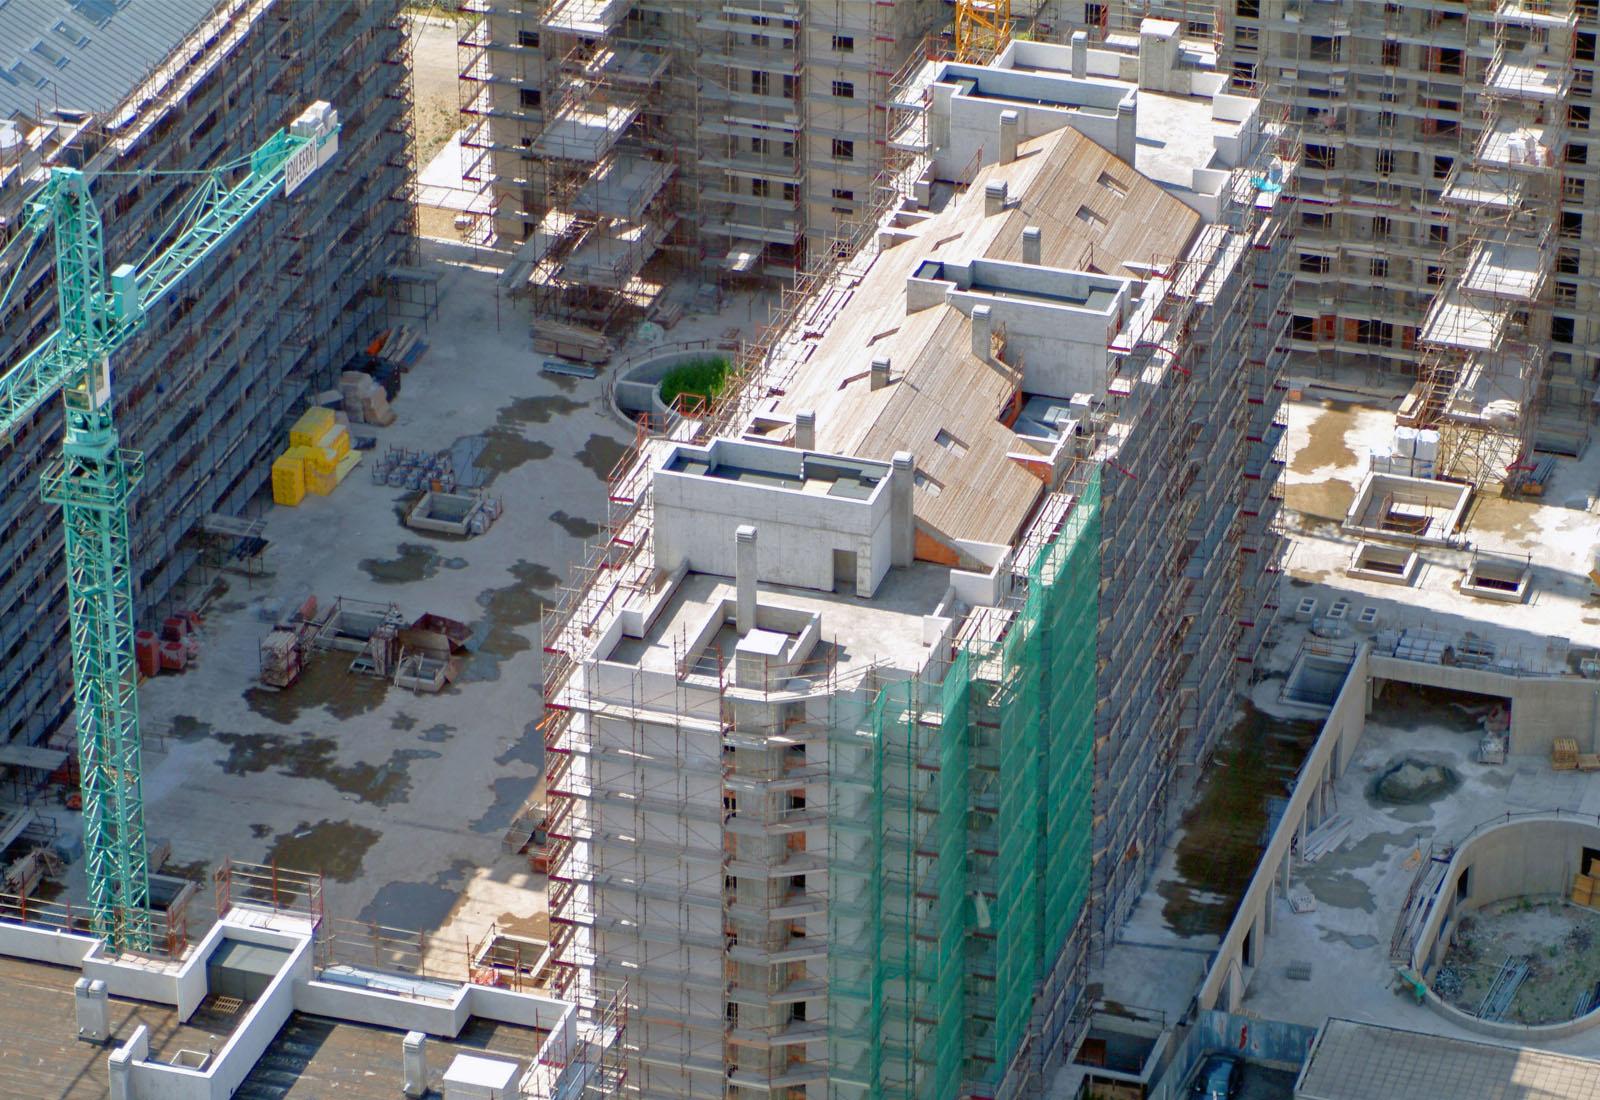 Villaggio cooperativo Grazioli - Vista aerea del cantiere